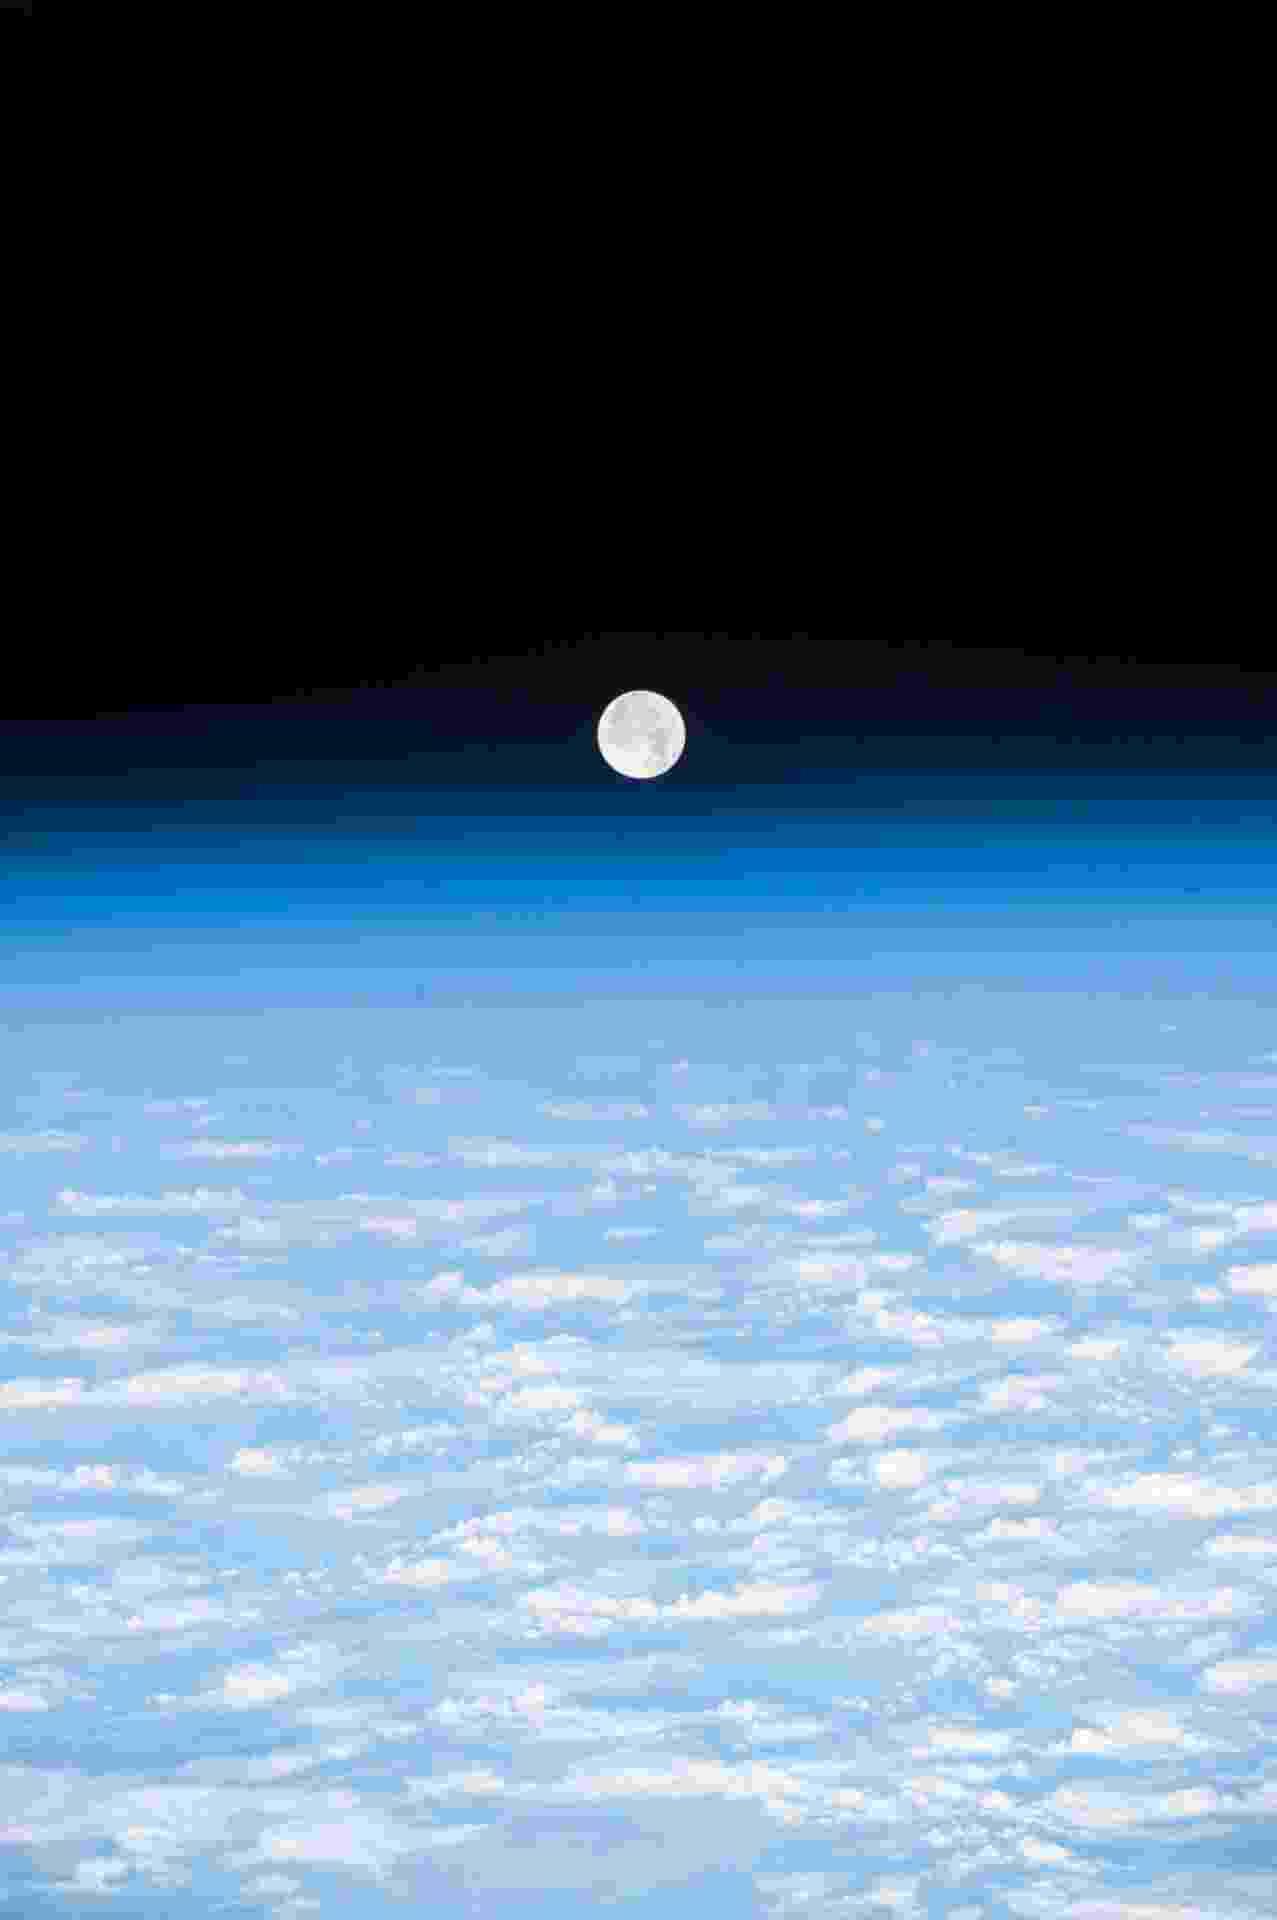 LUA VISTA DO ESPAÇO - O astrônomo Paolo Nespoli publicou em sua página no Flickr uma foto da Lua tirada direto da Estação Espacial Internacional - ESA/Nasa